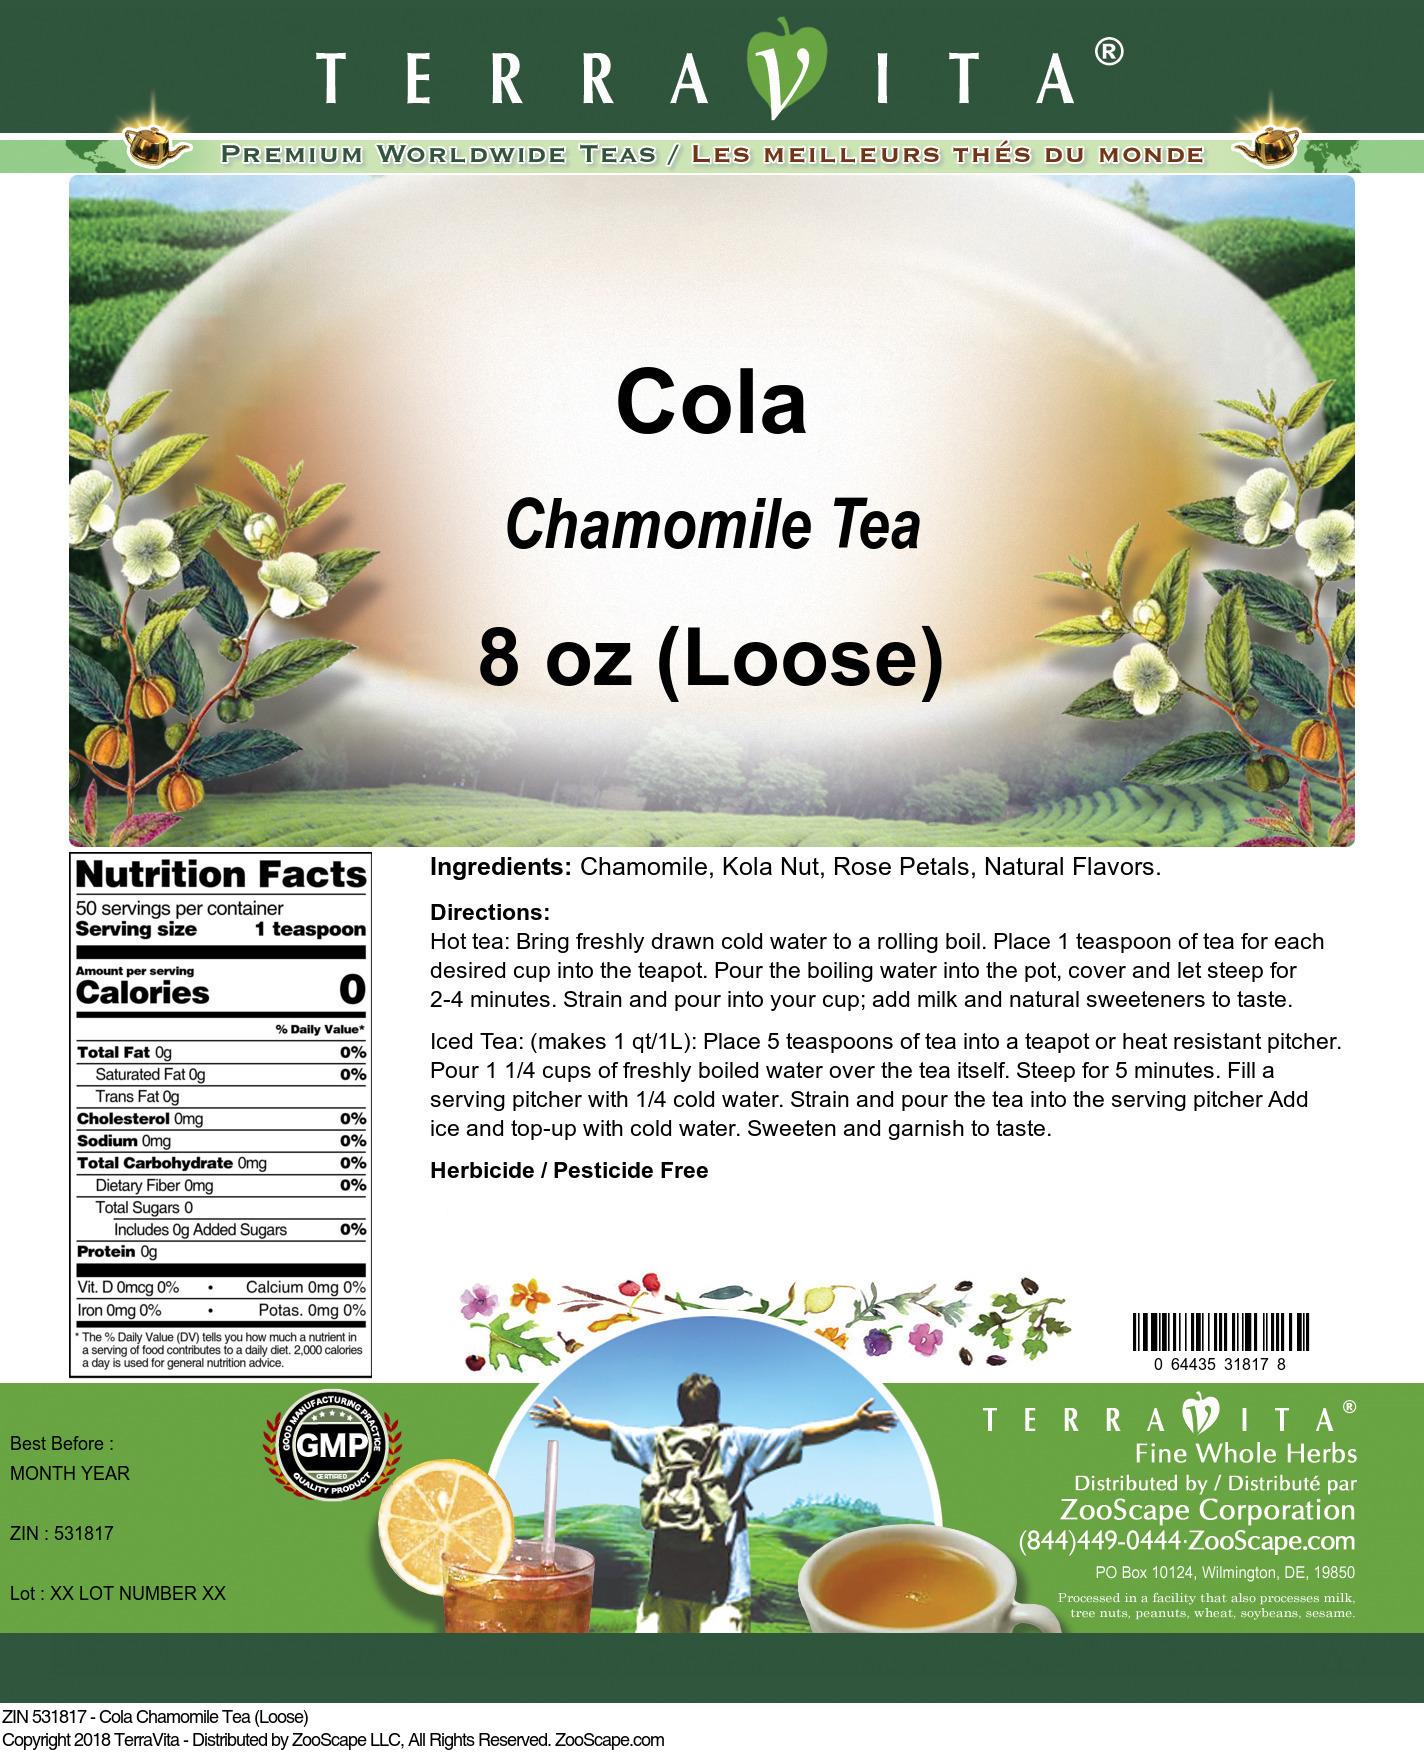 Cola Chamomile Tea